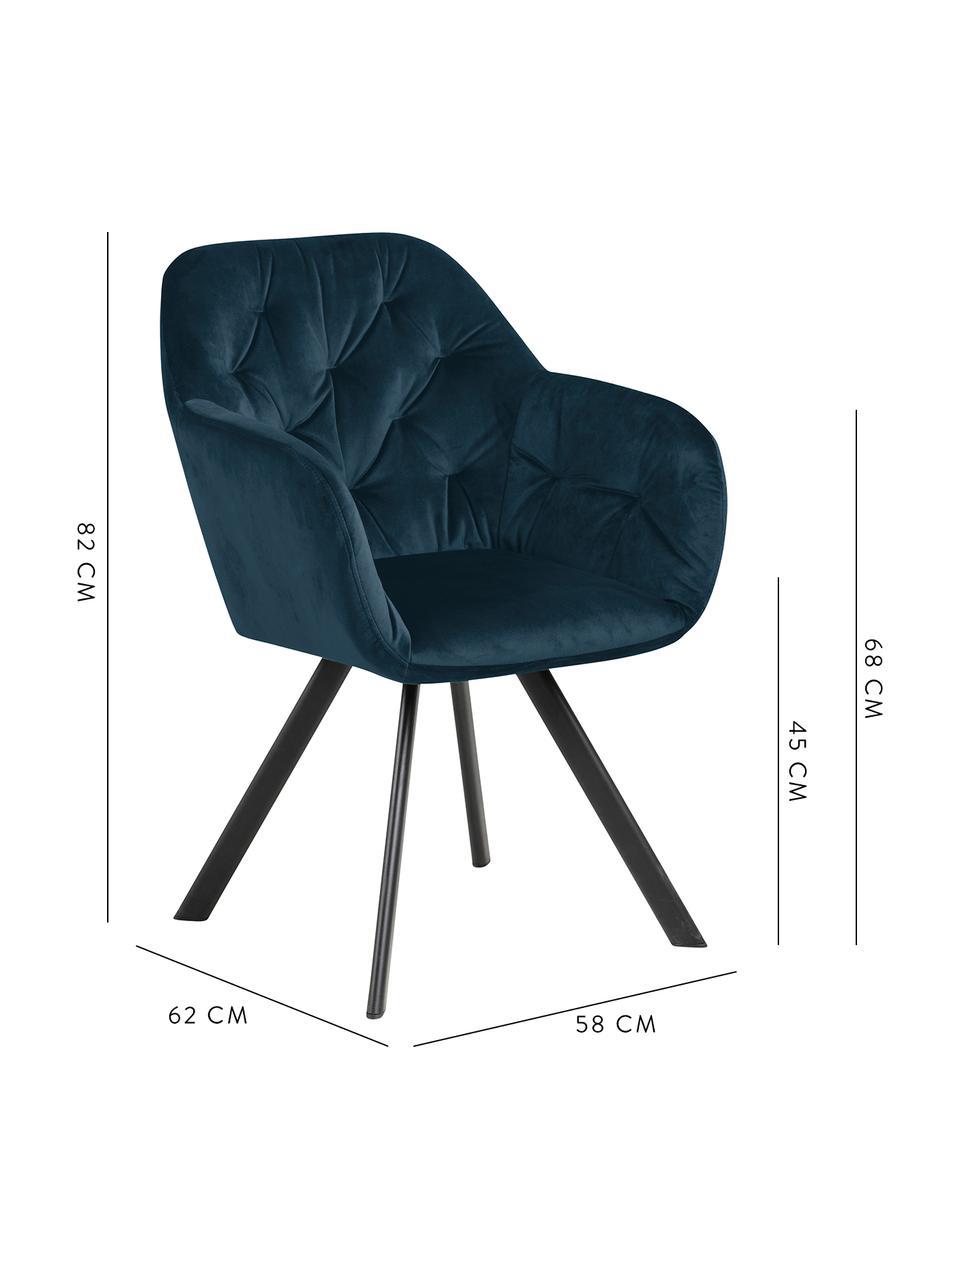 Chaise pivotante en velours et à accoudoirs Lucie, Bleu foncé, noir